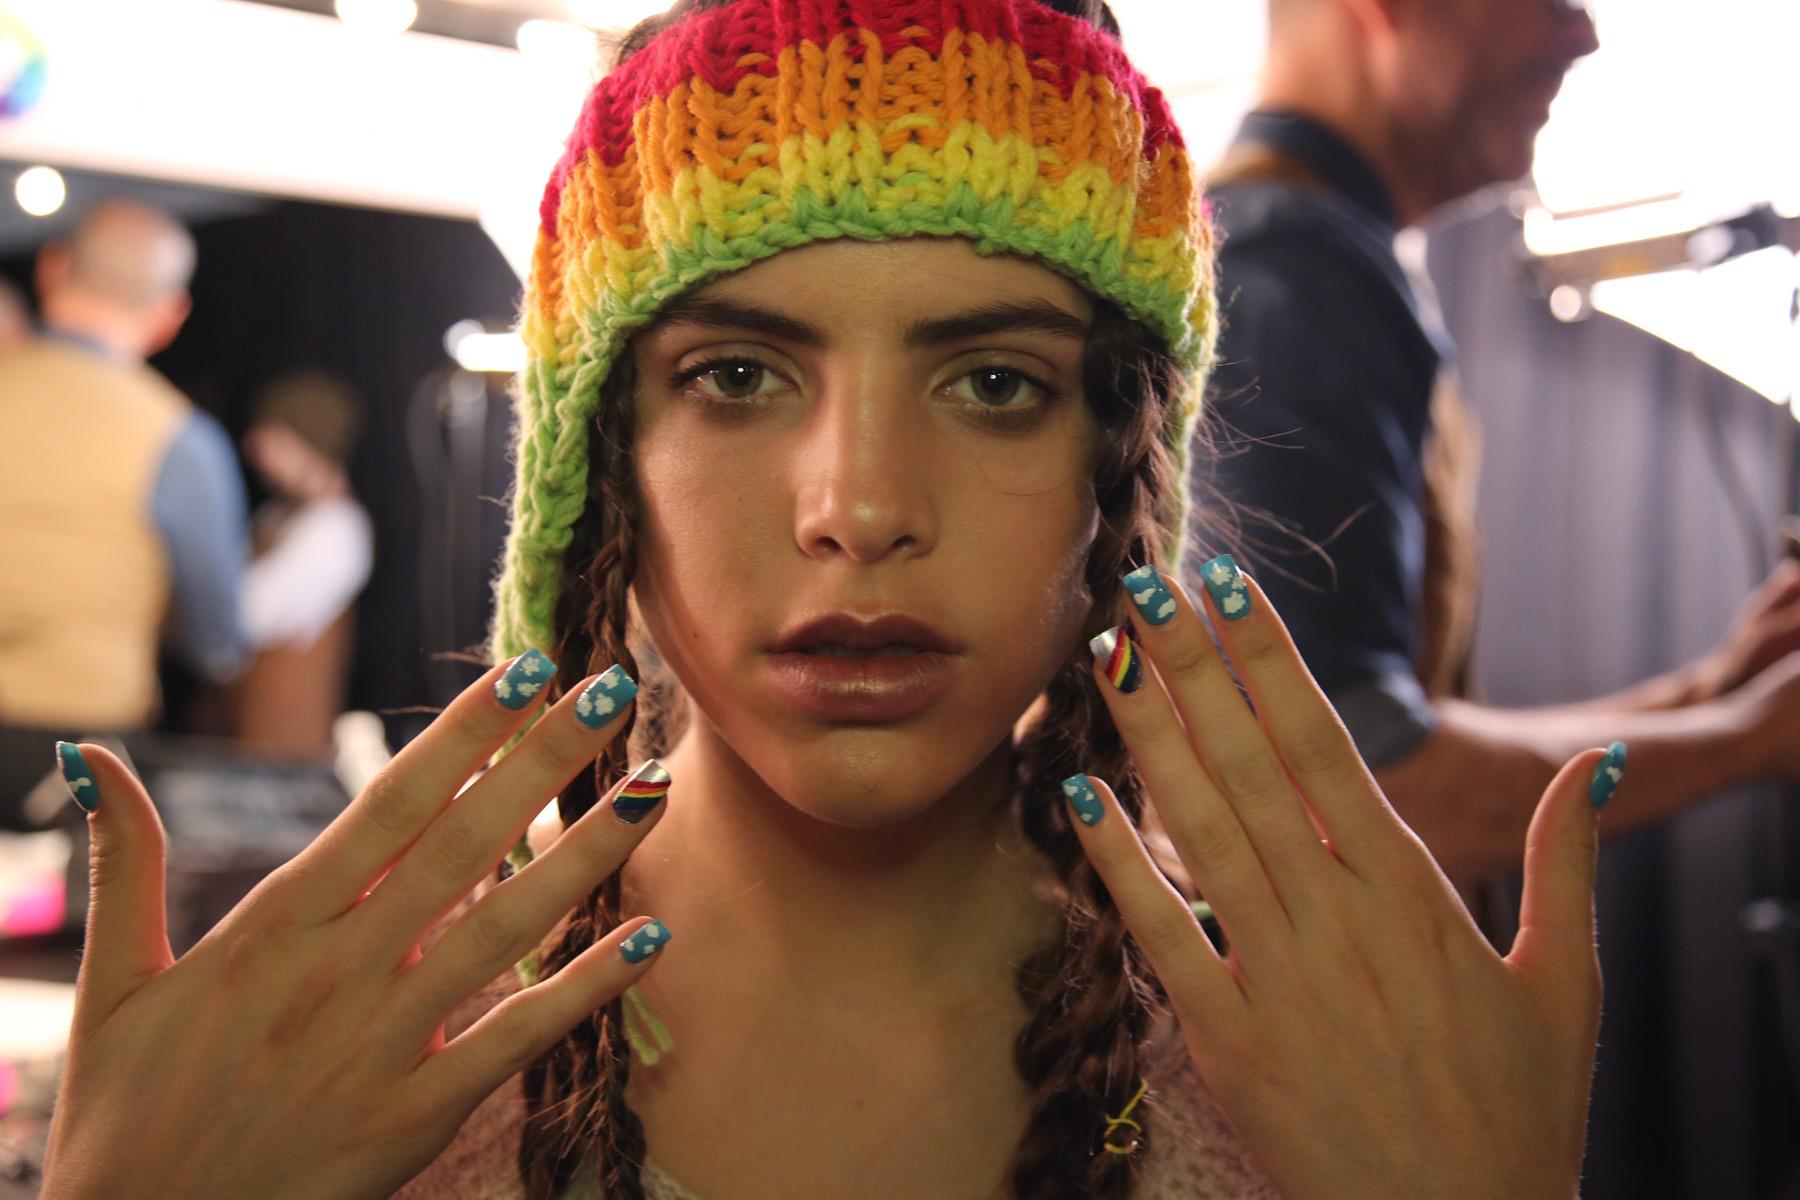 NYFW NAILS: OPI Creates Rainbow Nails for DEGEN